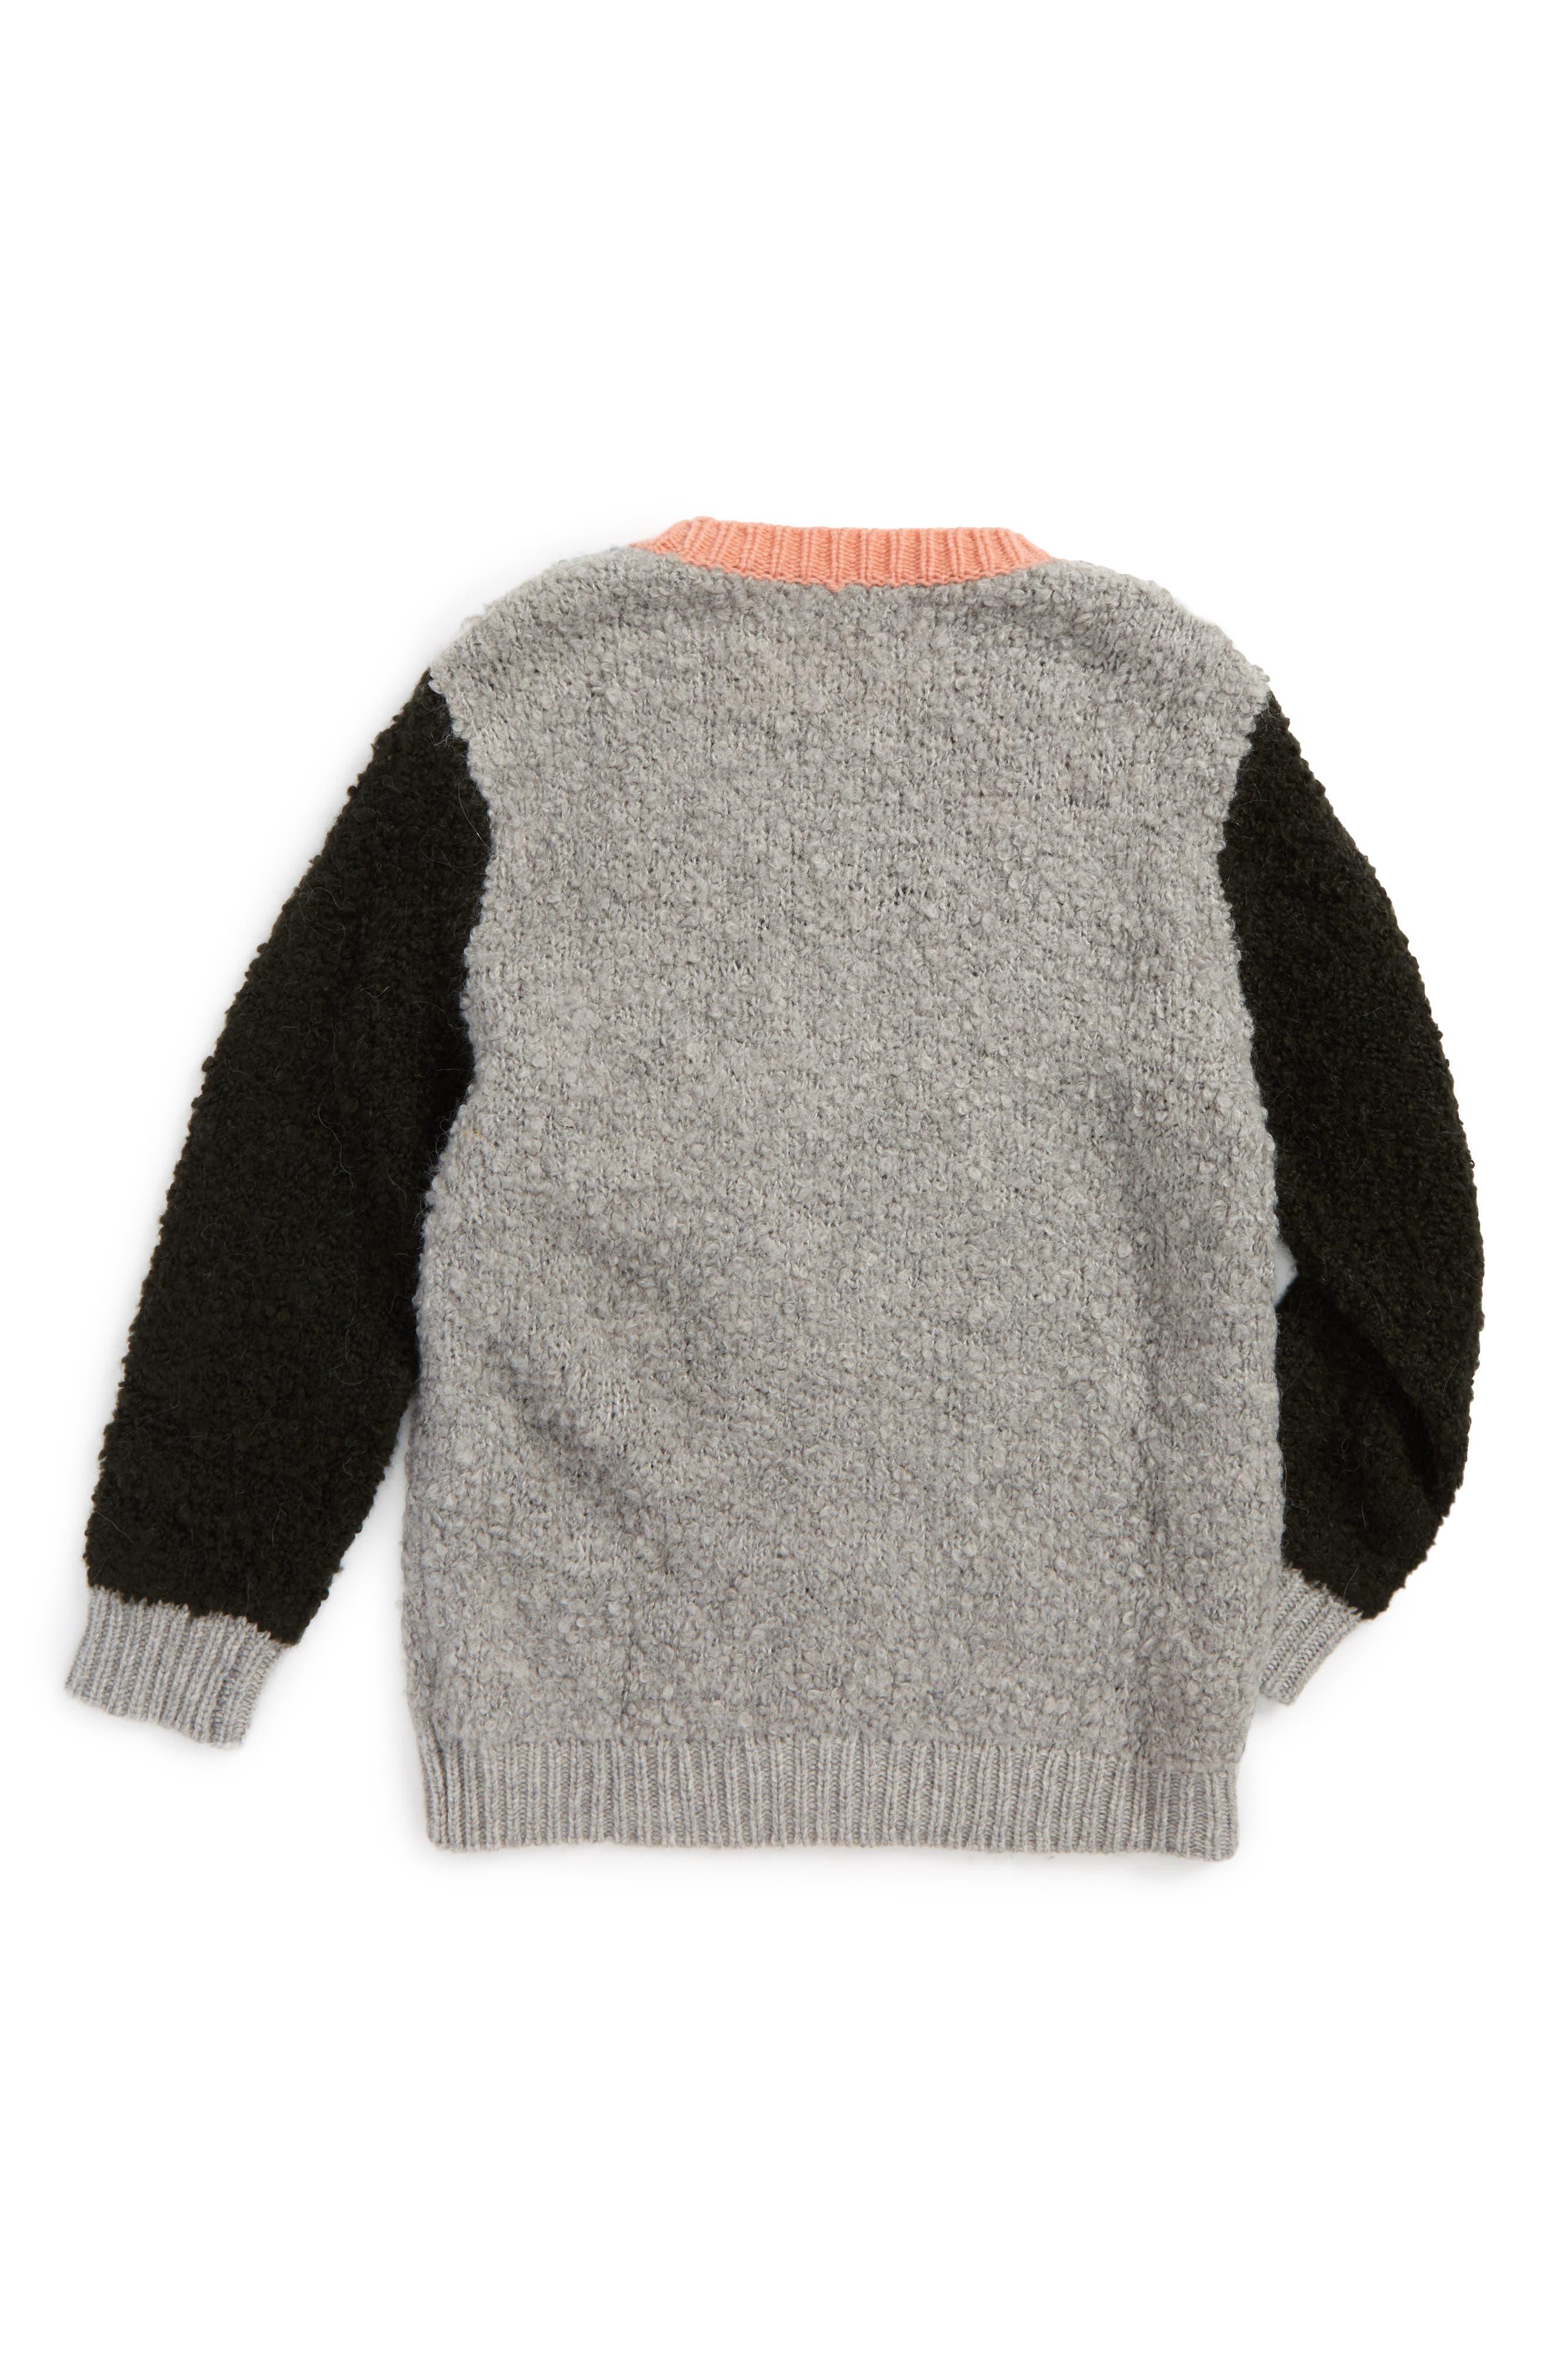 Alternate Image 2  - Stella McCartney Kids Maya Colorblock Sweater (Toddler Girls, Little Girls & Big Girls)